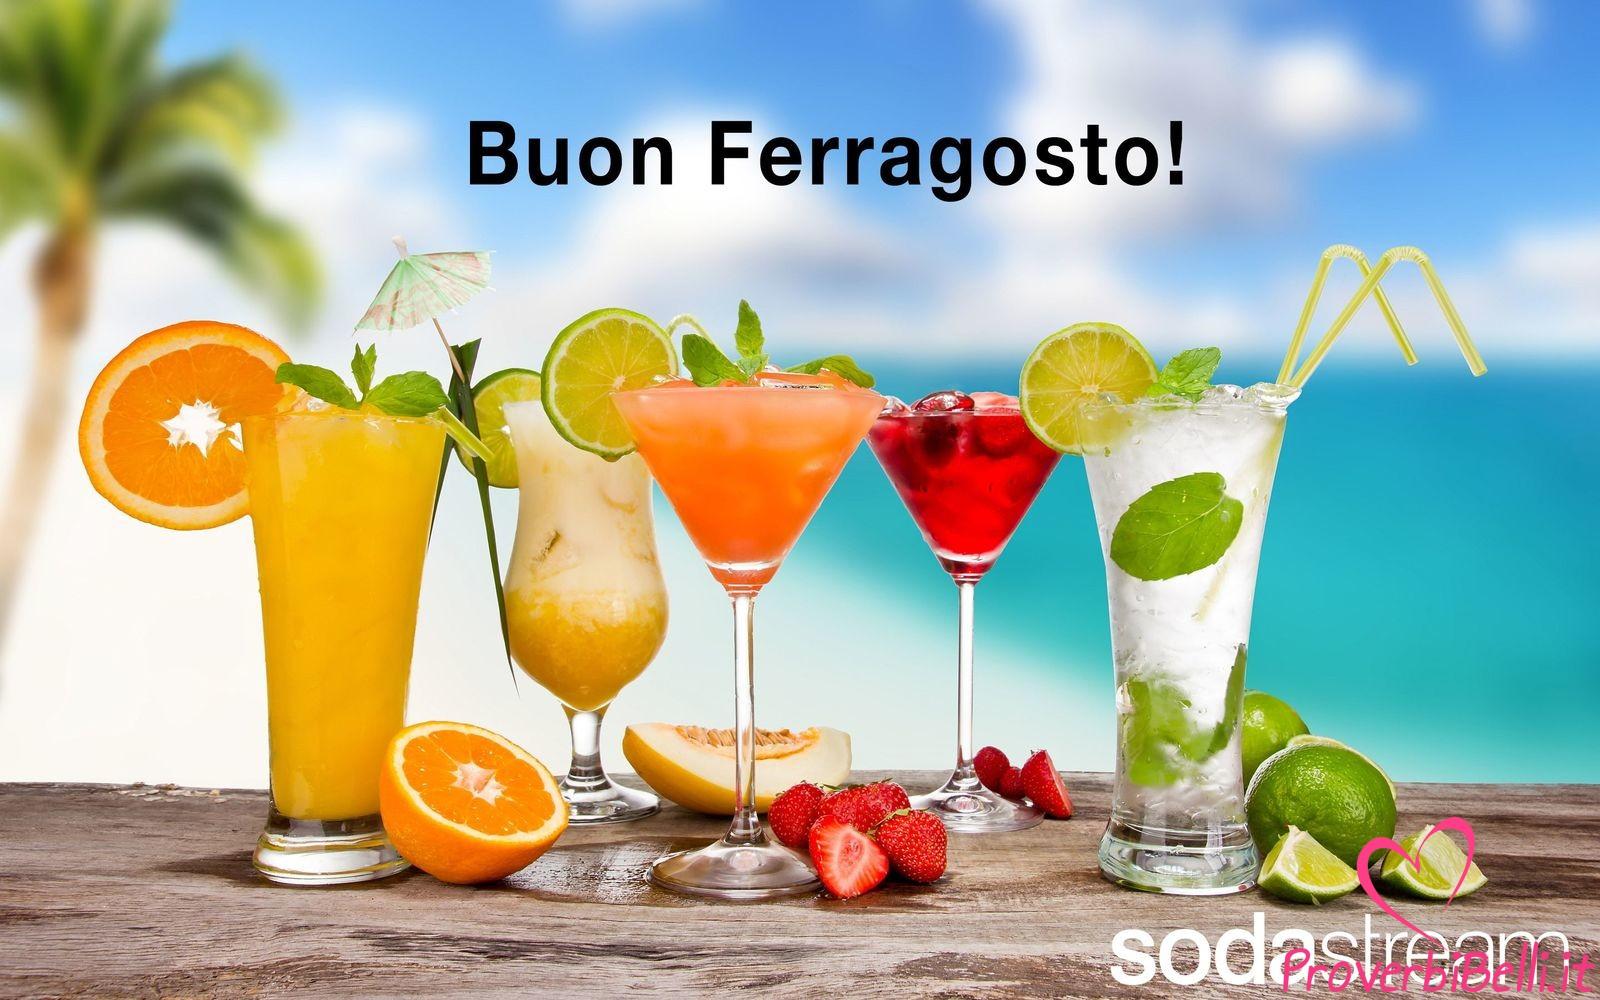 Ferragosto-Immagini-Whatsapp-Belle-72